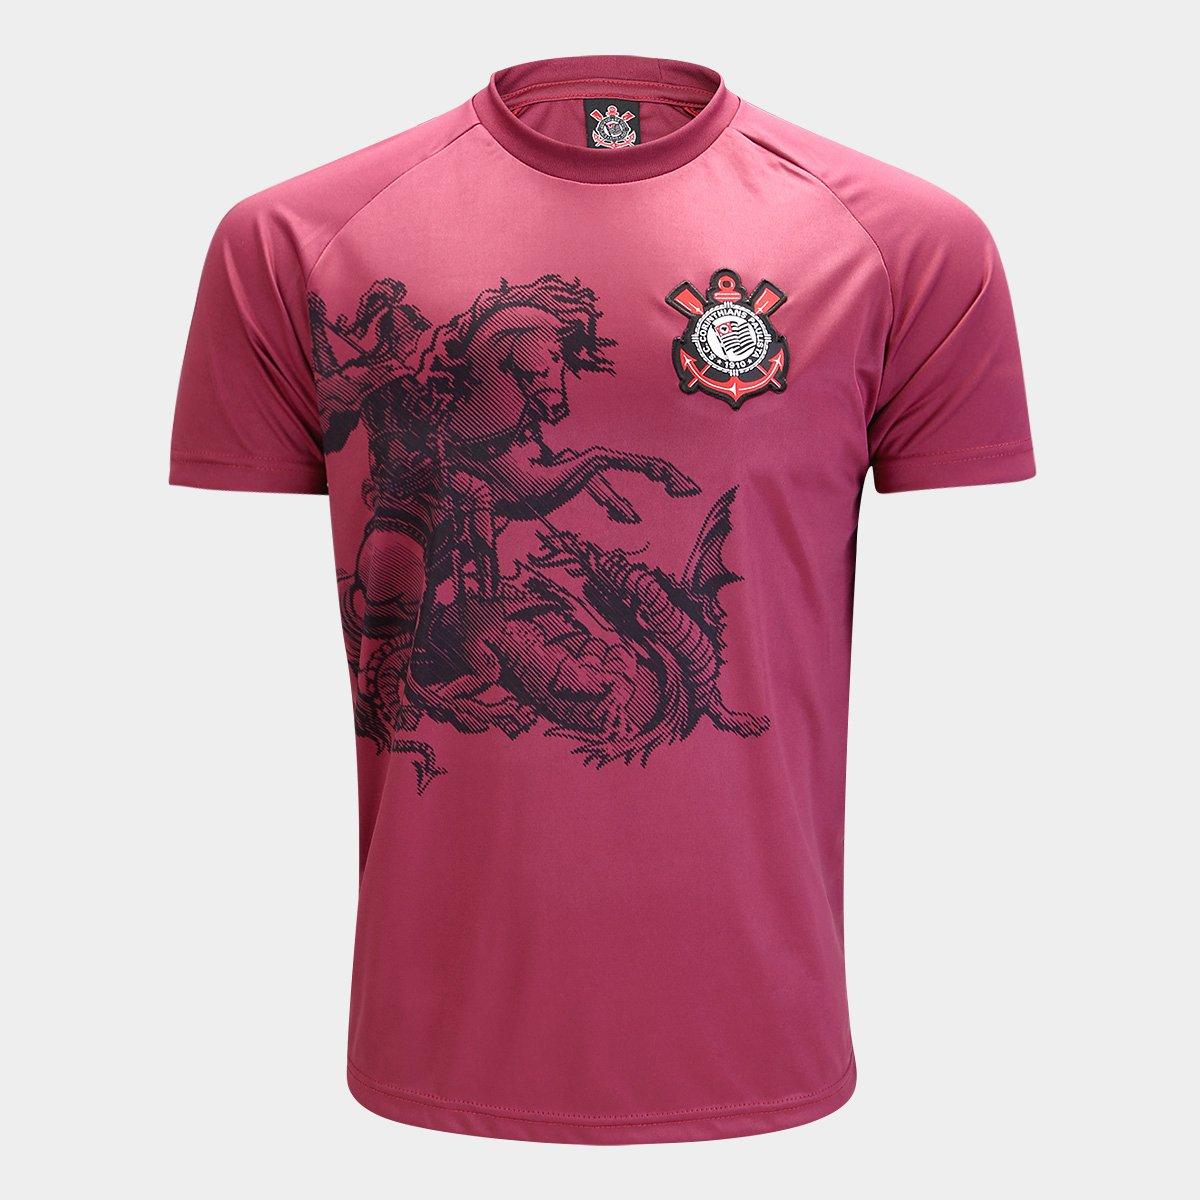 Camisa Corinthians São Jorge Edição Limitada C  Patch Masculina - Vinho 62649aed8d2f6